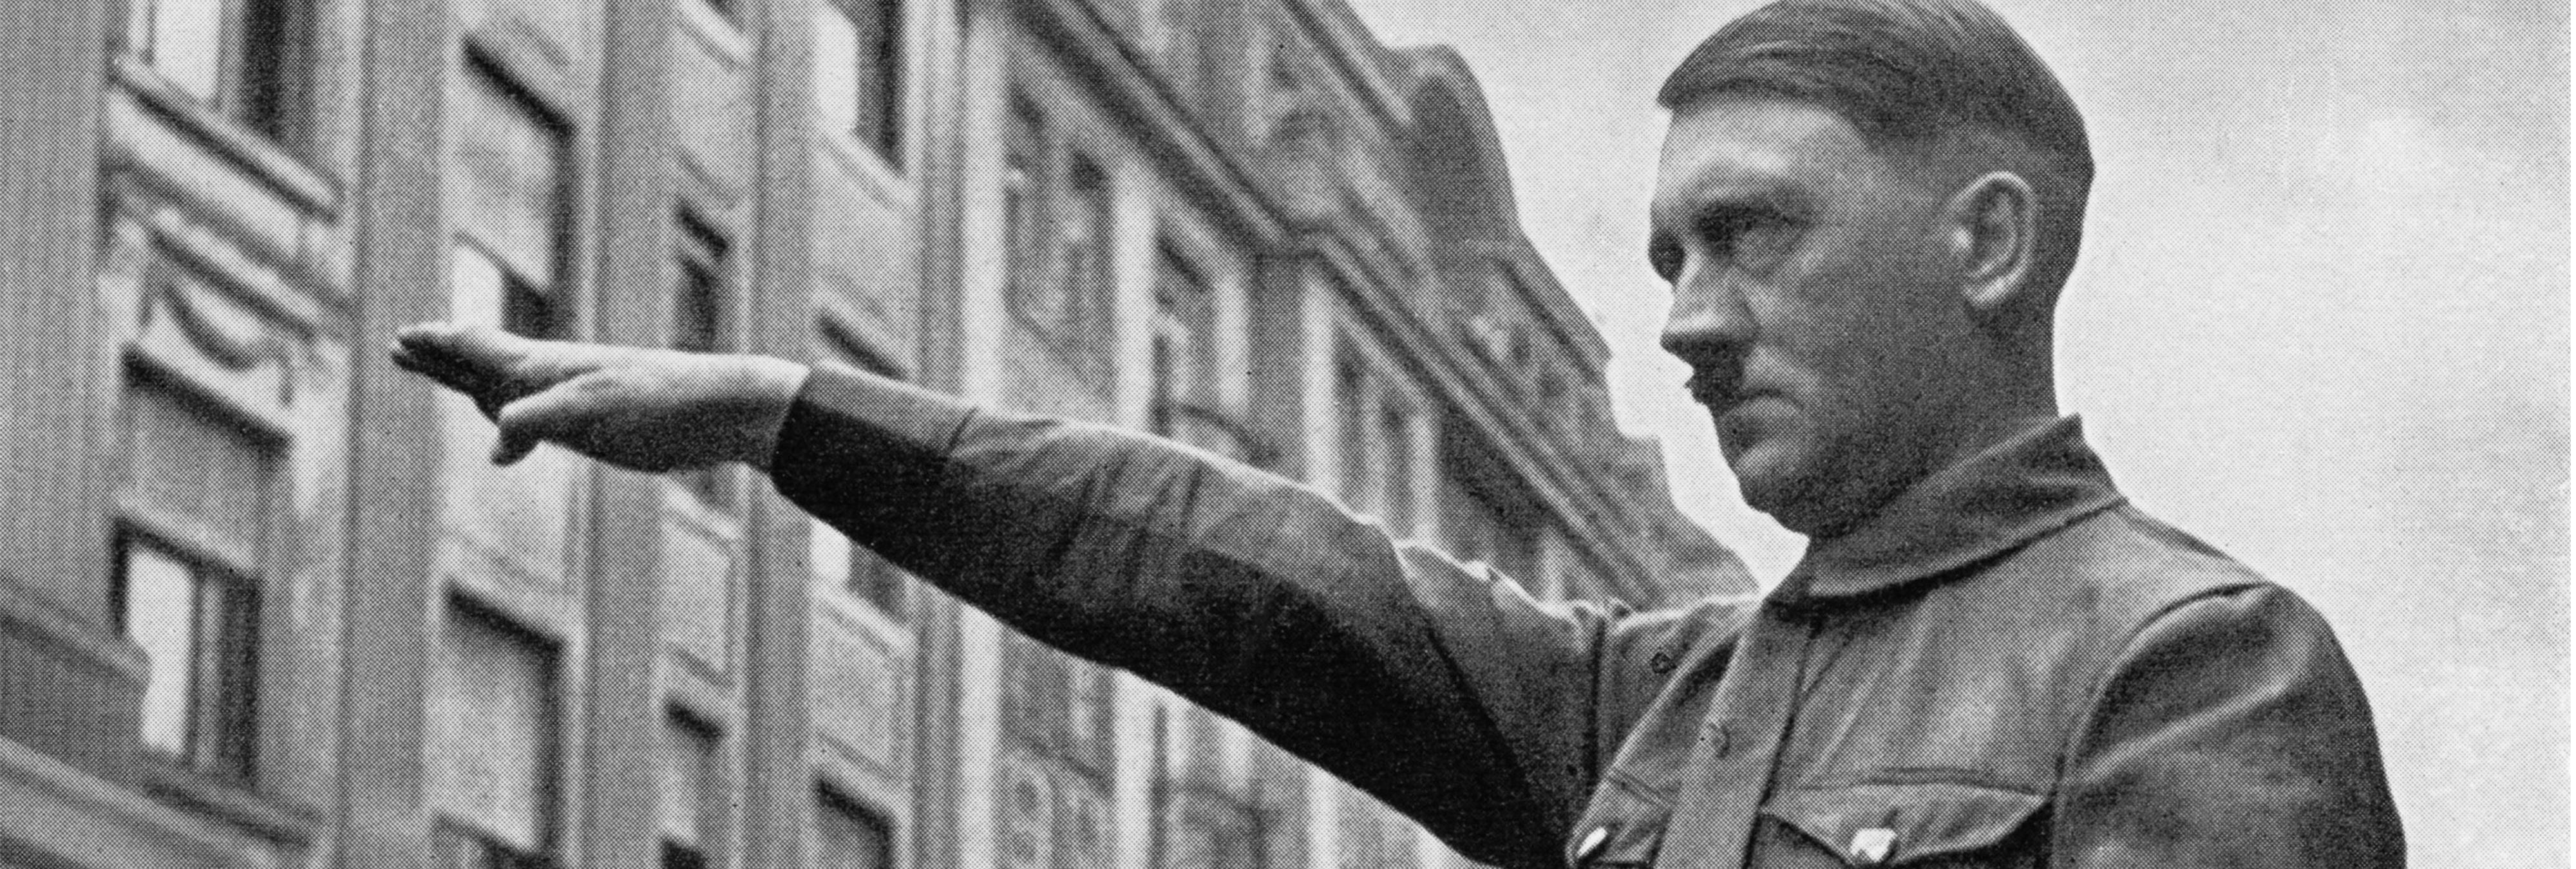 Un documento de la CIA probaría que Hitler no se suicidó, sino que huyó a Colombia